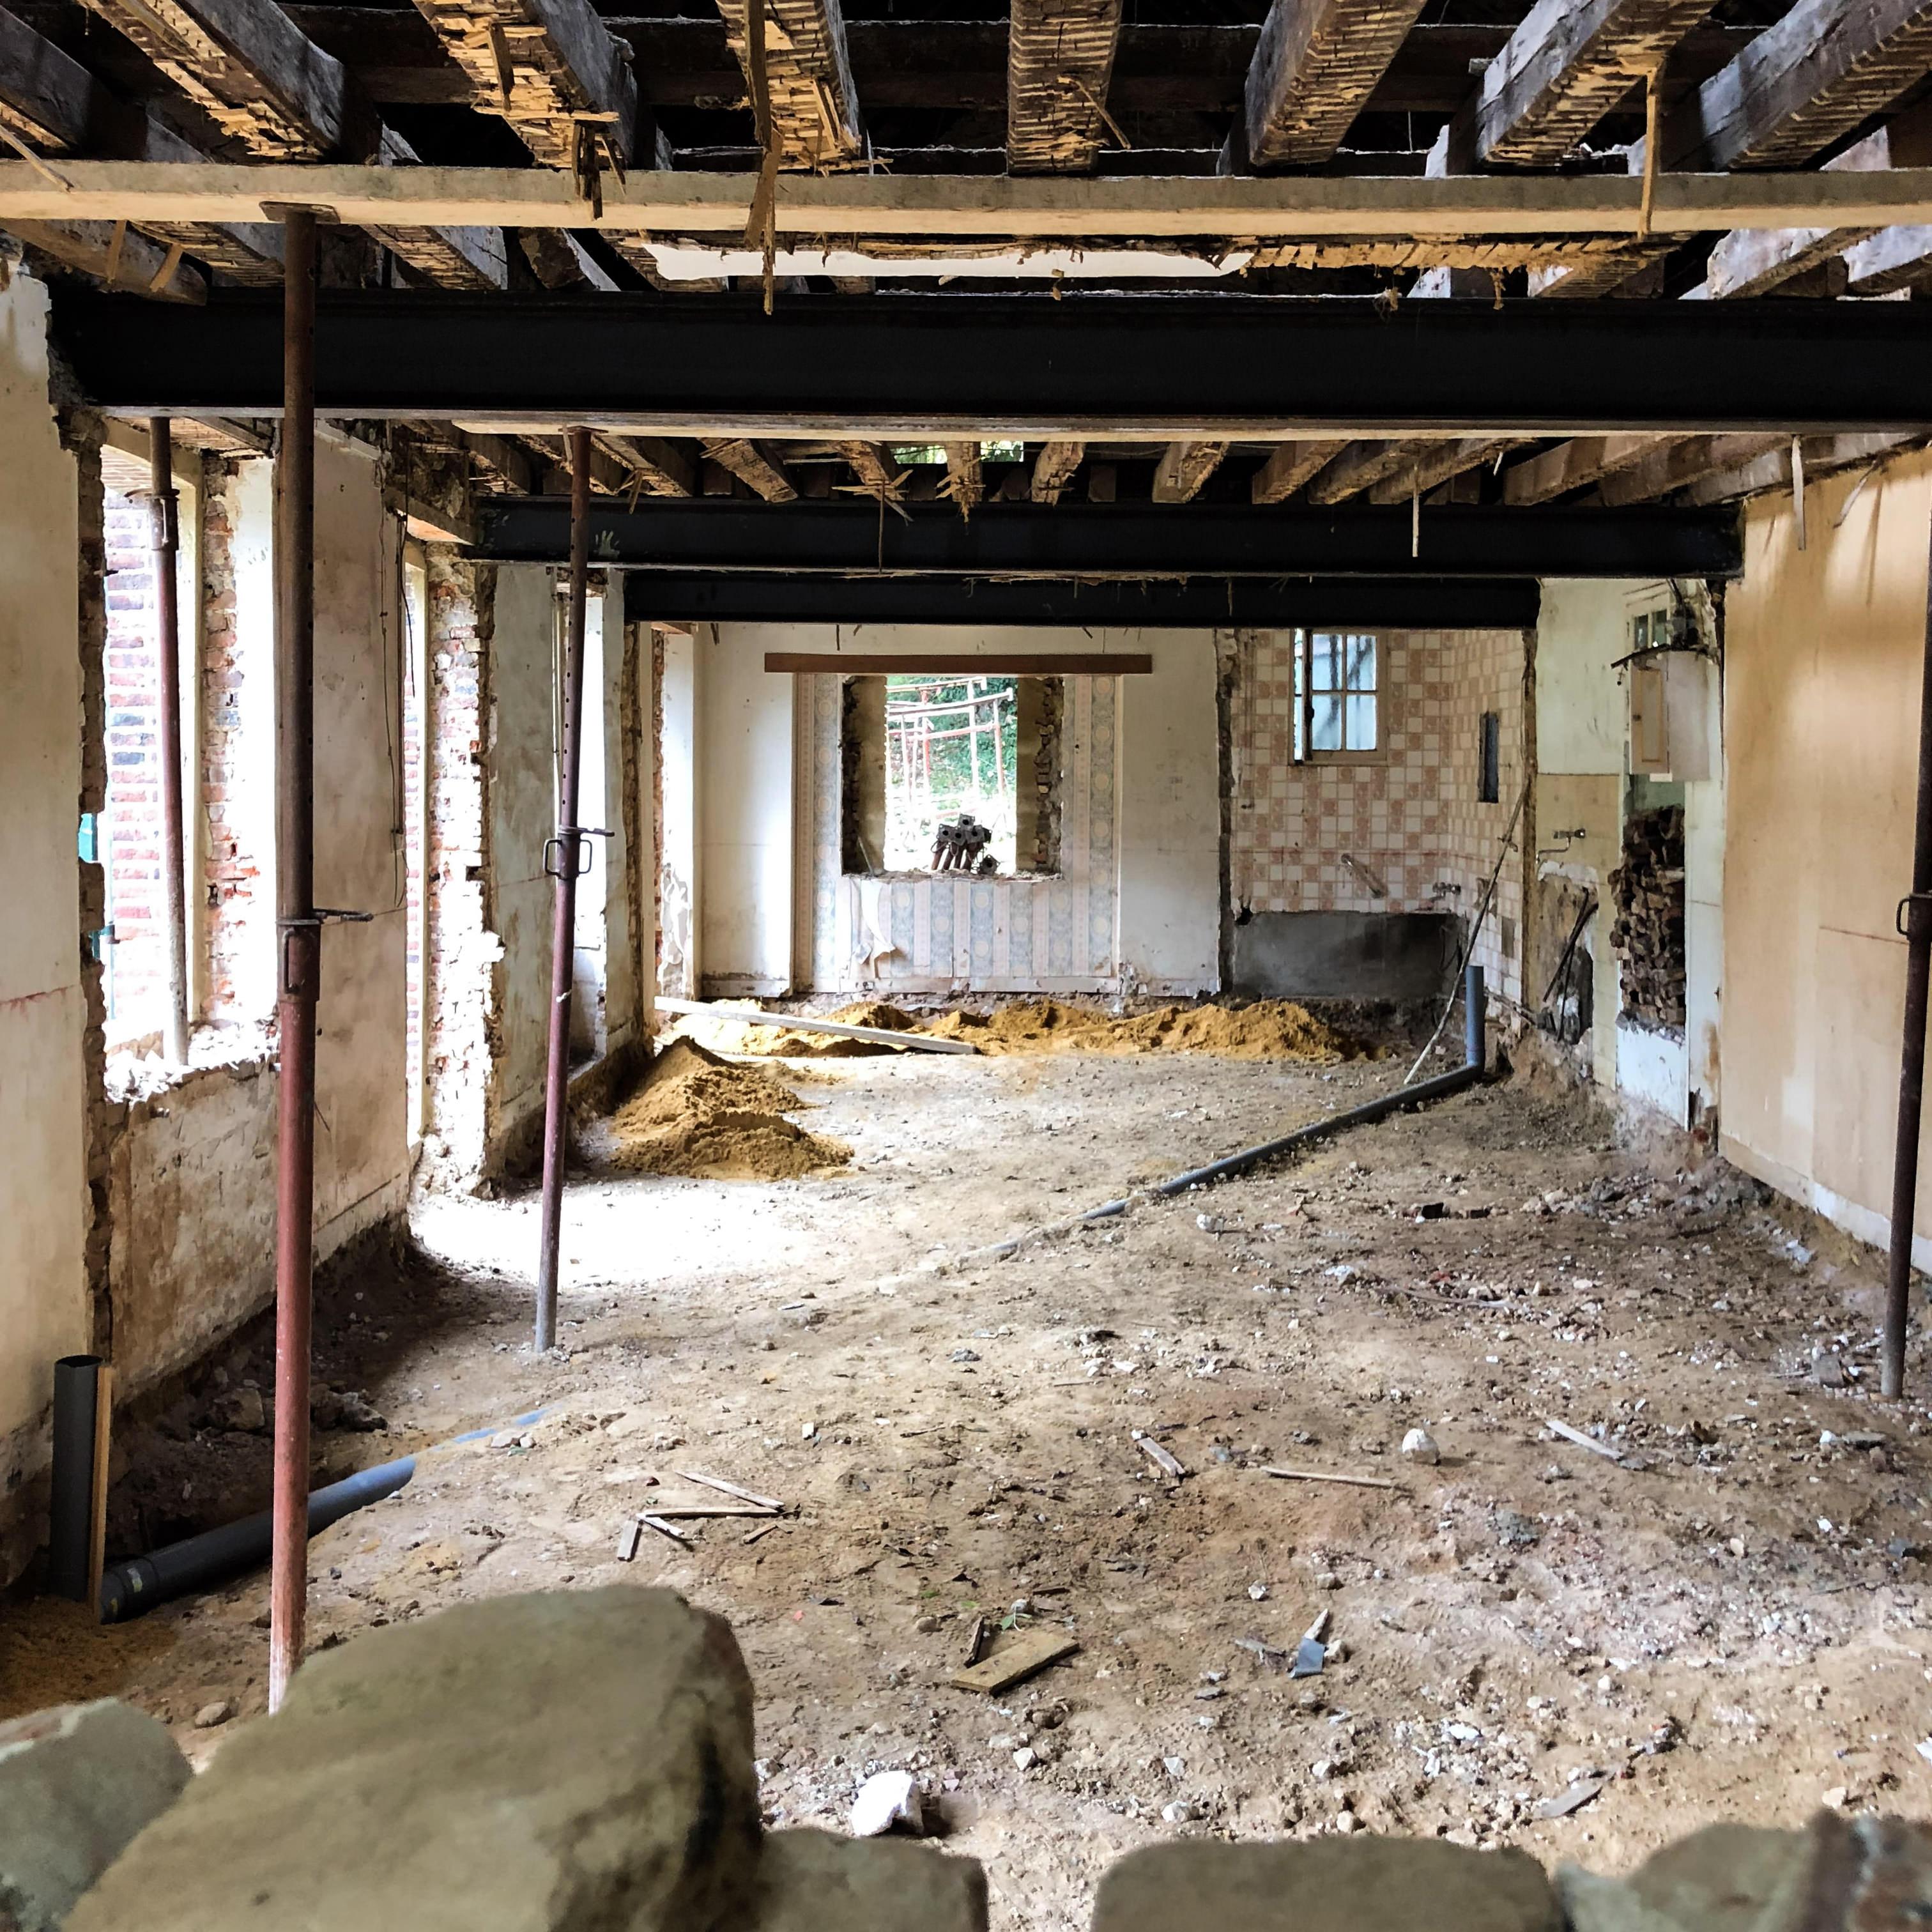 interieur maison vgl avant travaux